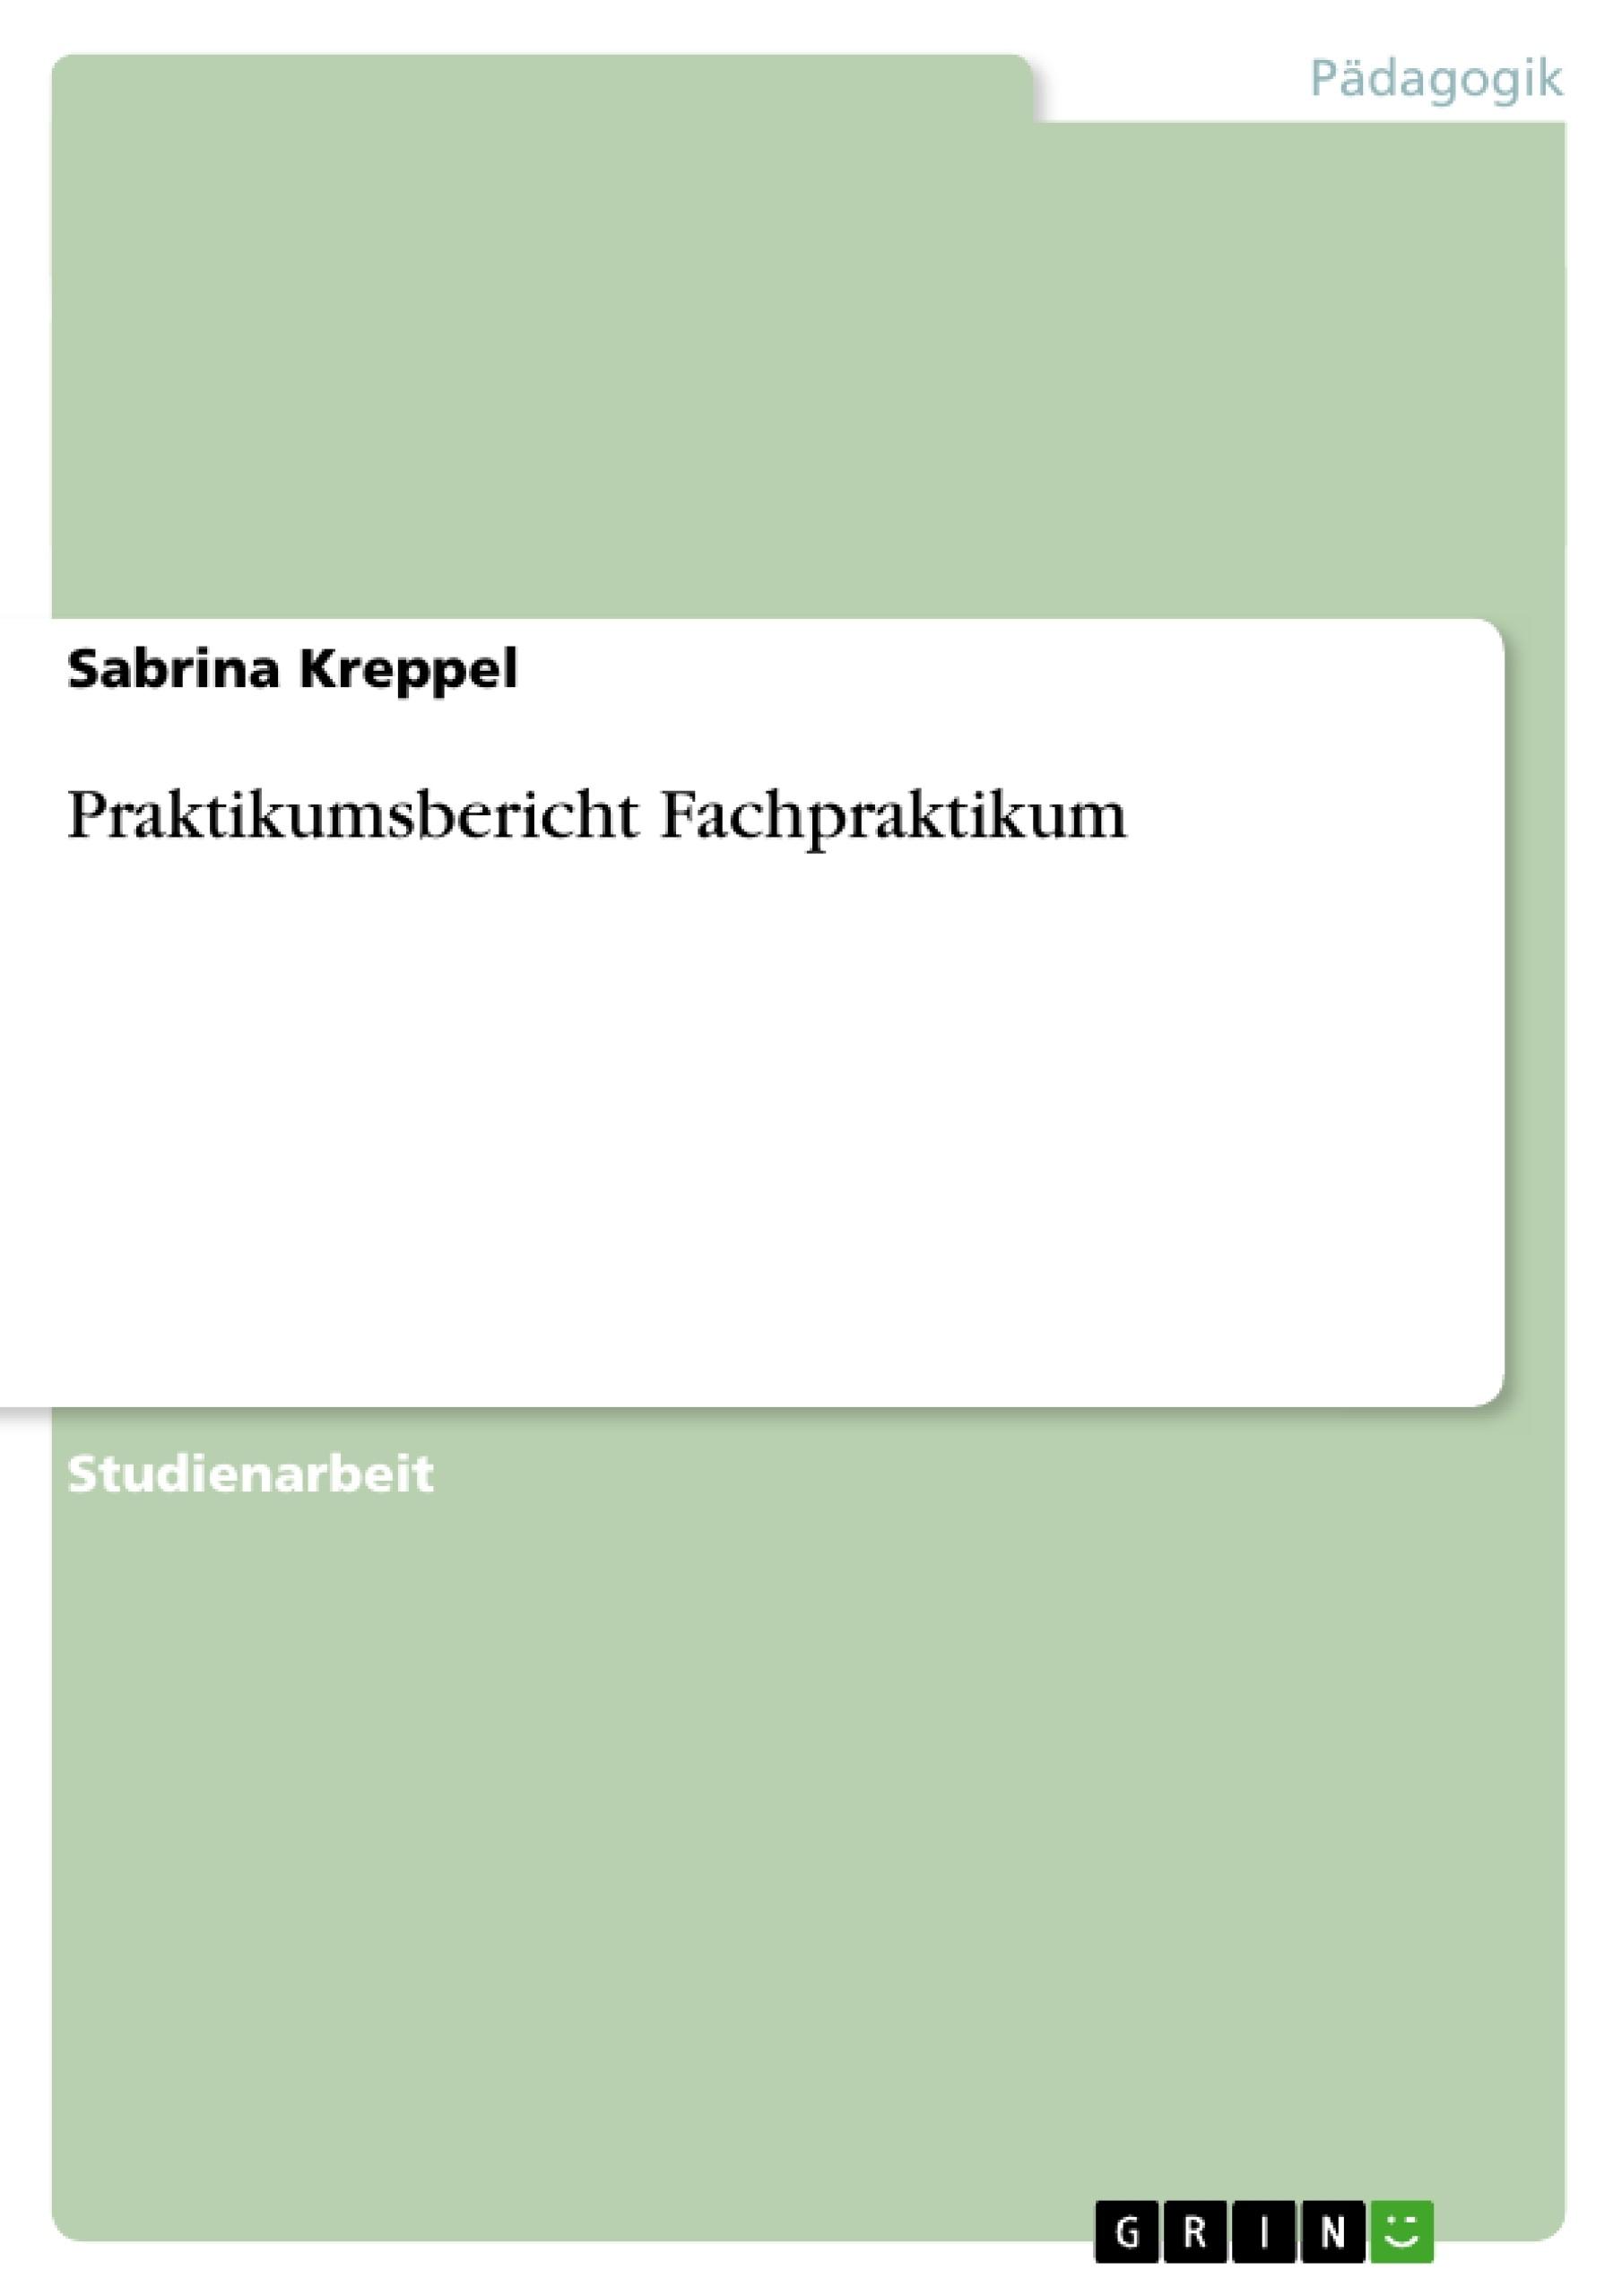 Titel: Praktikumsbericht Fachpraktikum